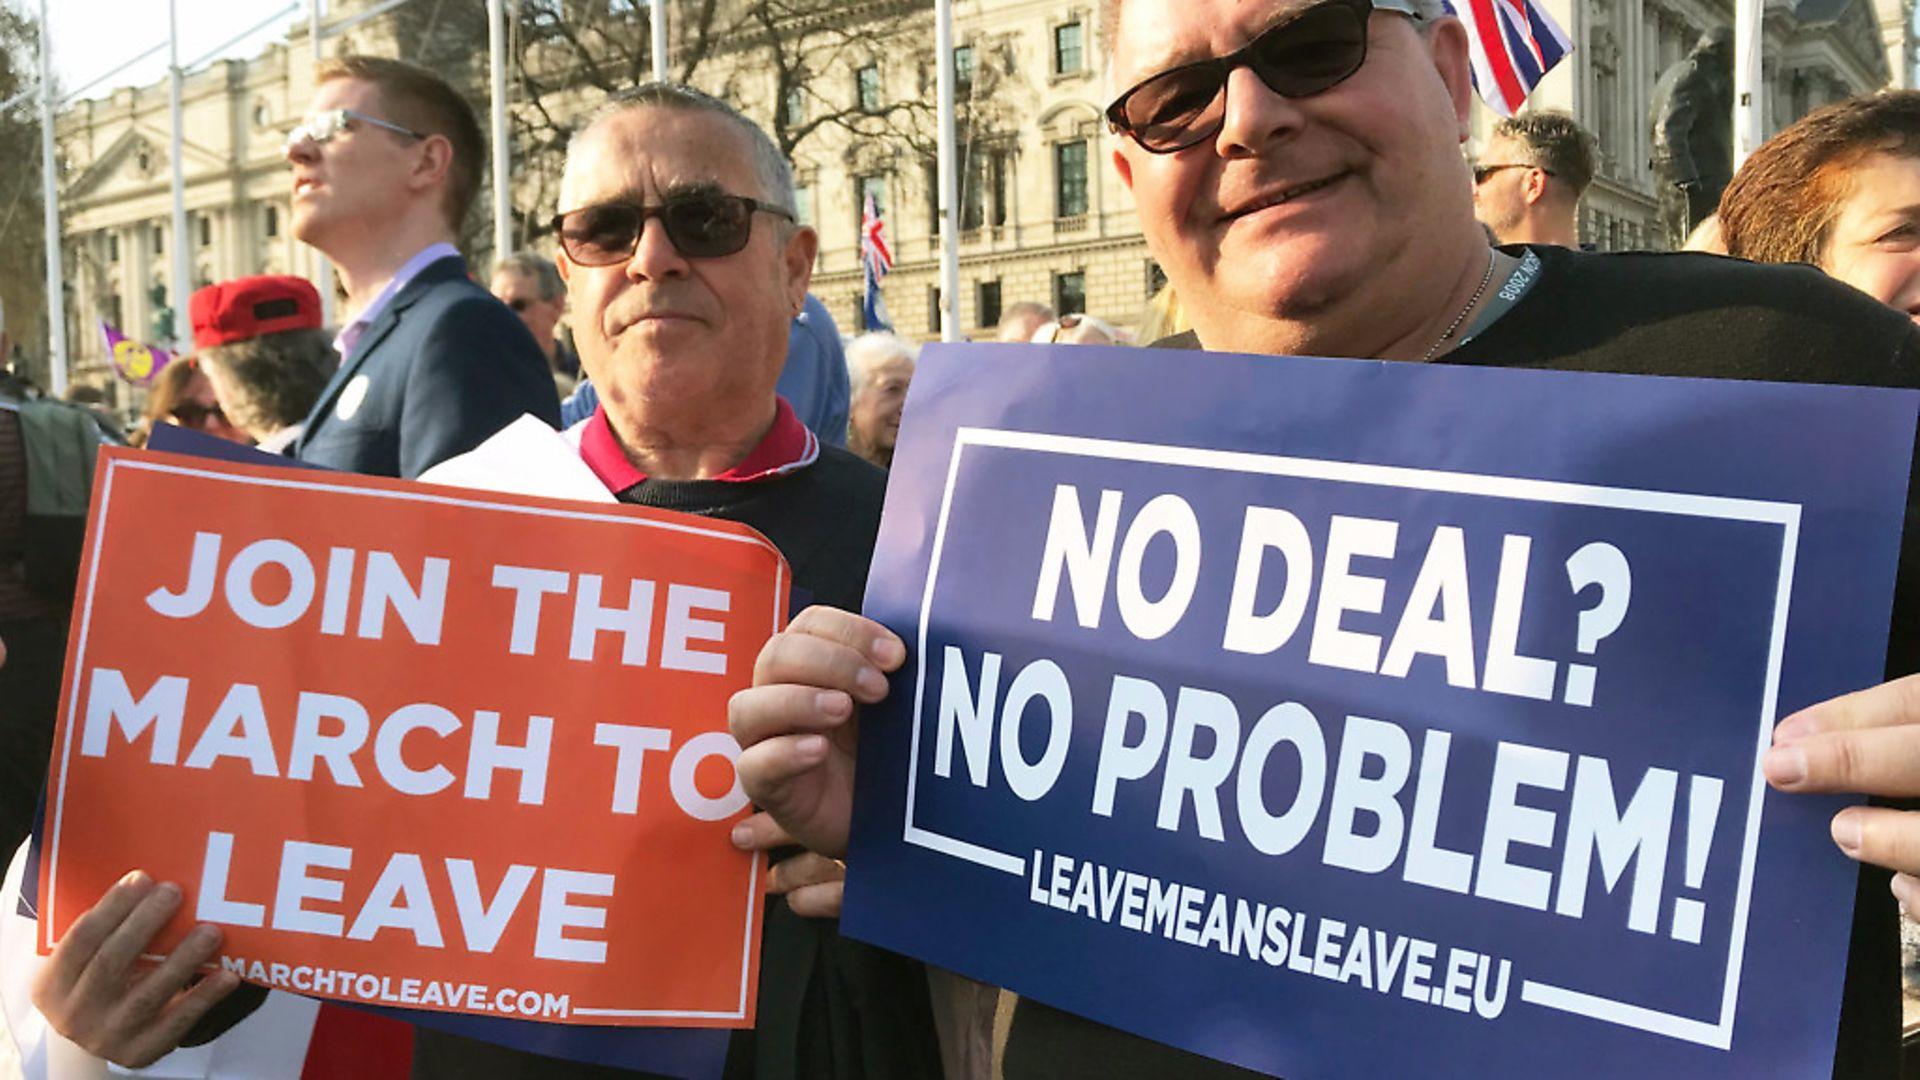 Brexit demonstrators. Photograph: Tess De La Mere/PA. - Credit: PA Archive/PA Images